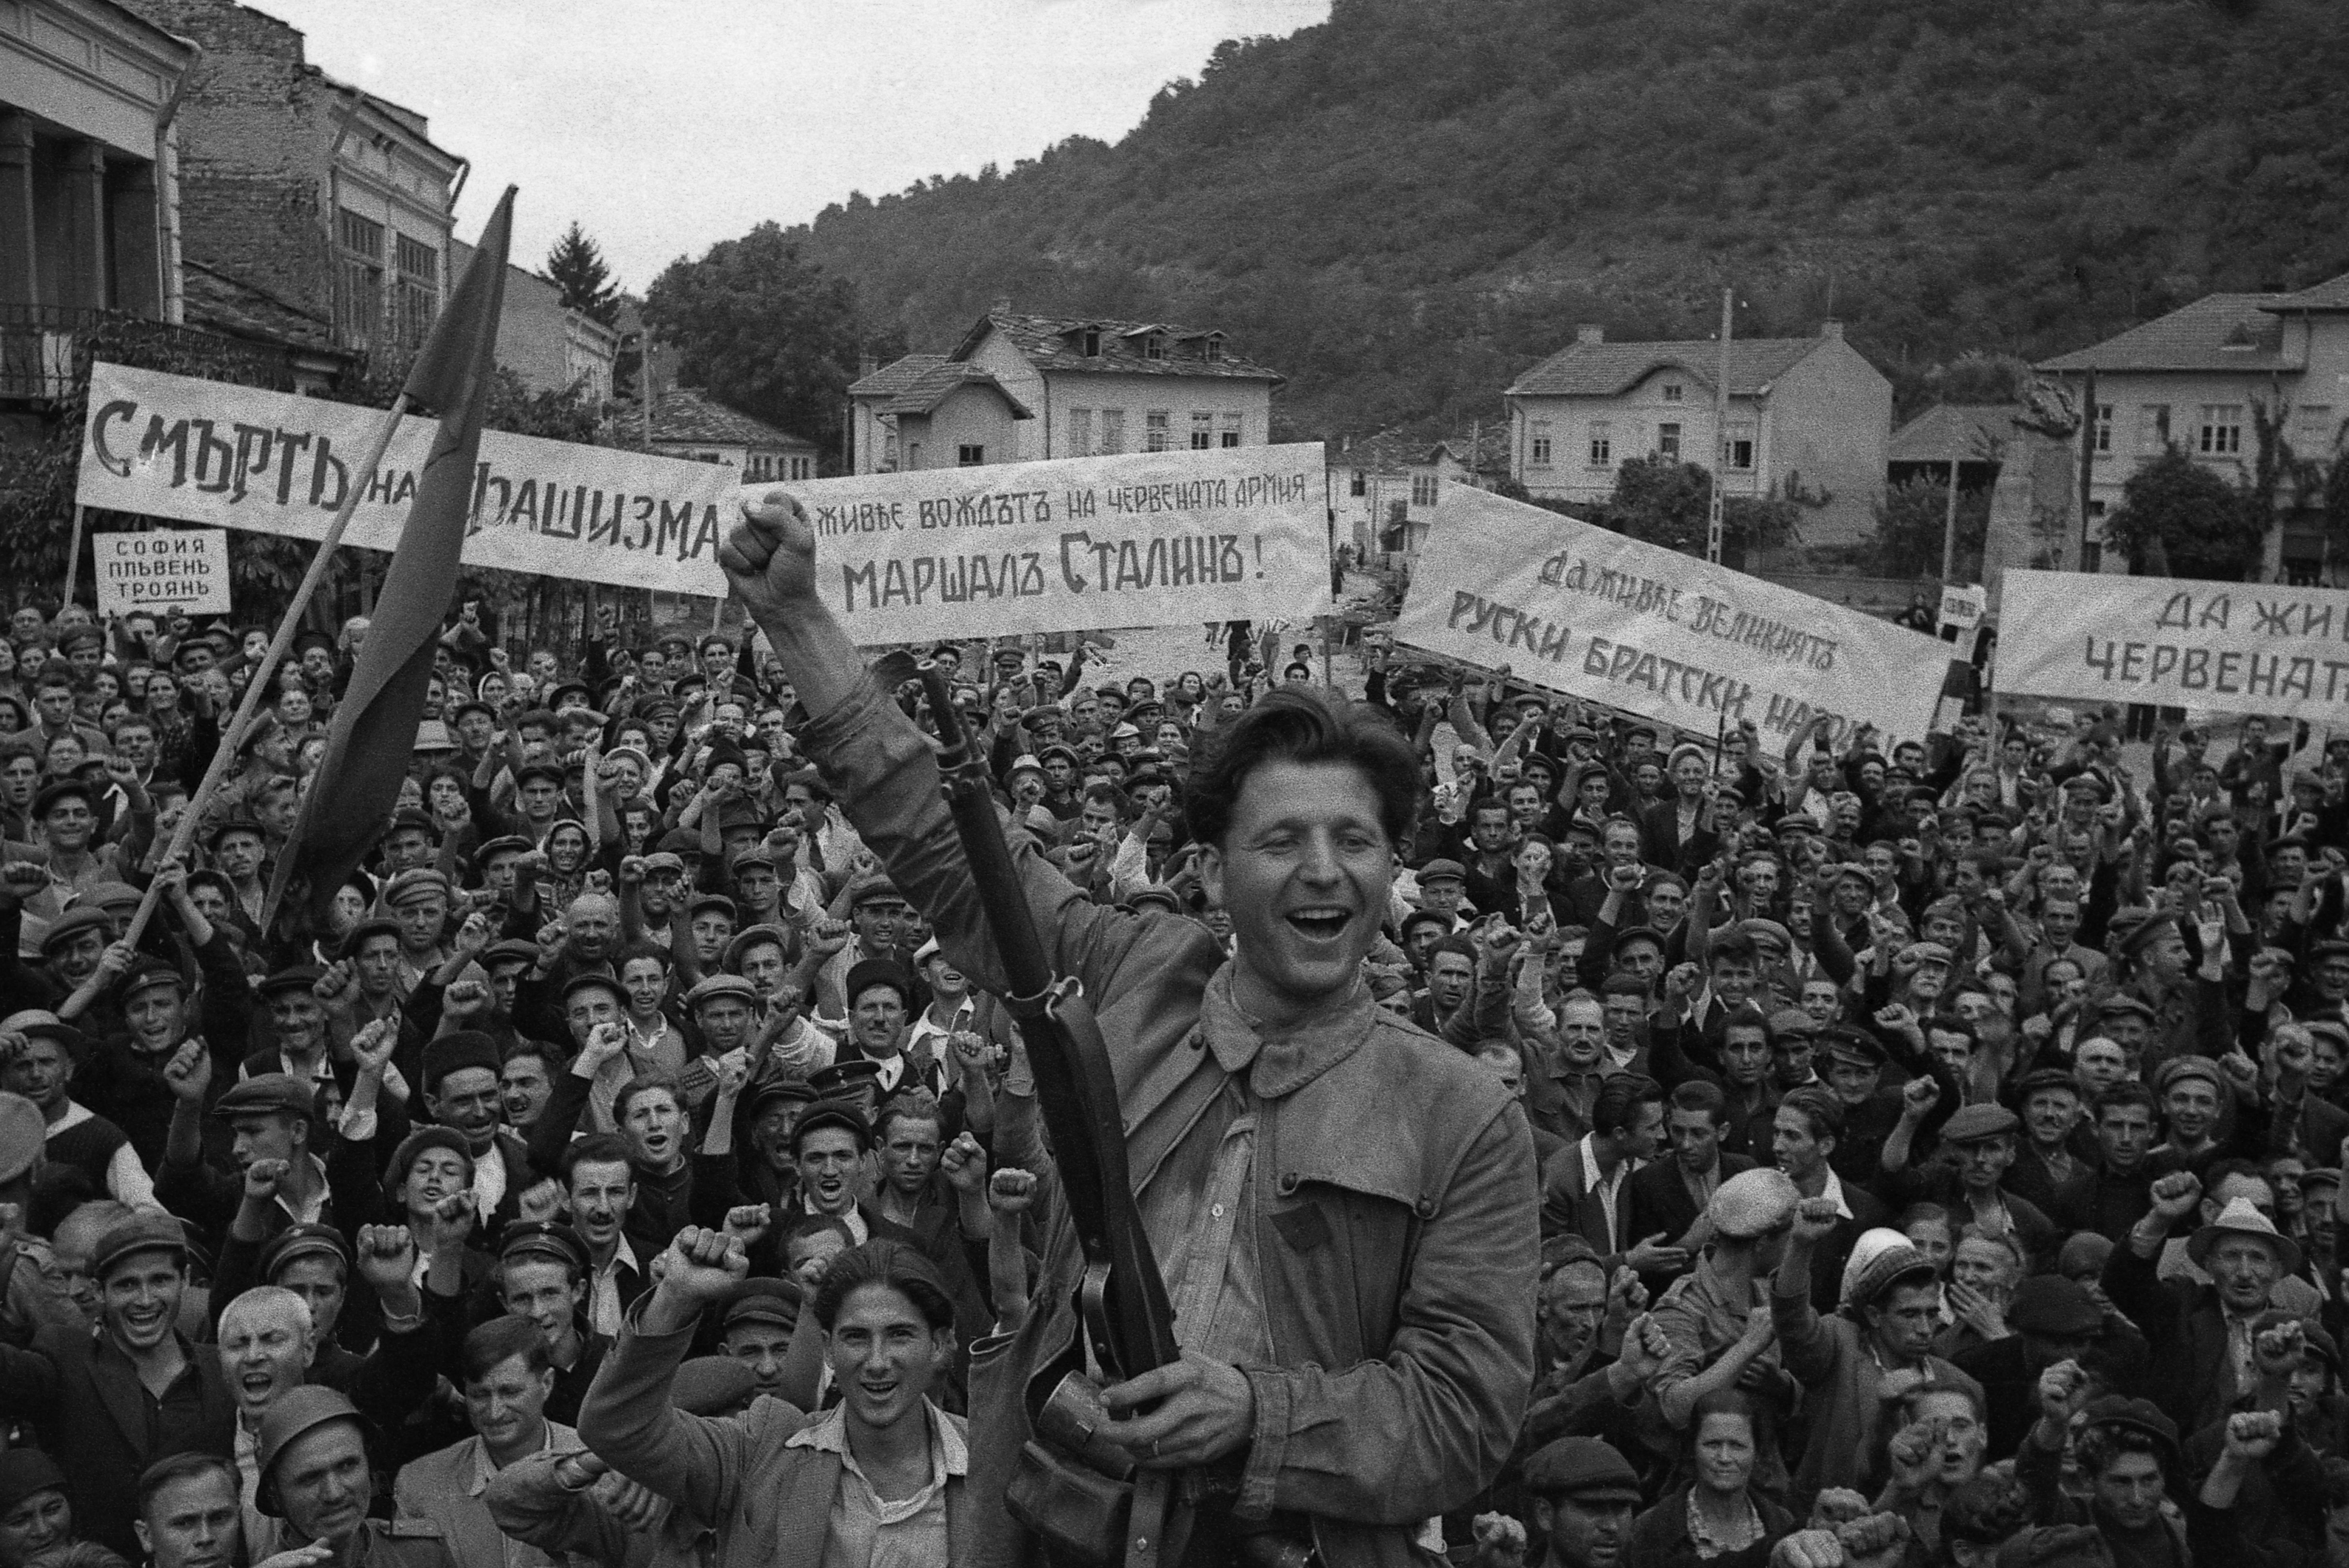 1944. Жители Болгарского городка празднуют освобождение от гитлеровцев. Имя человека на переднем плане — Коча Караджев, болгарский партизан